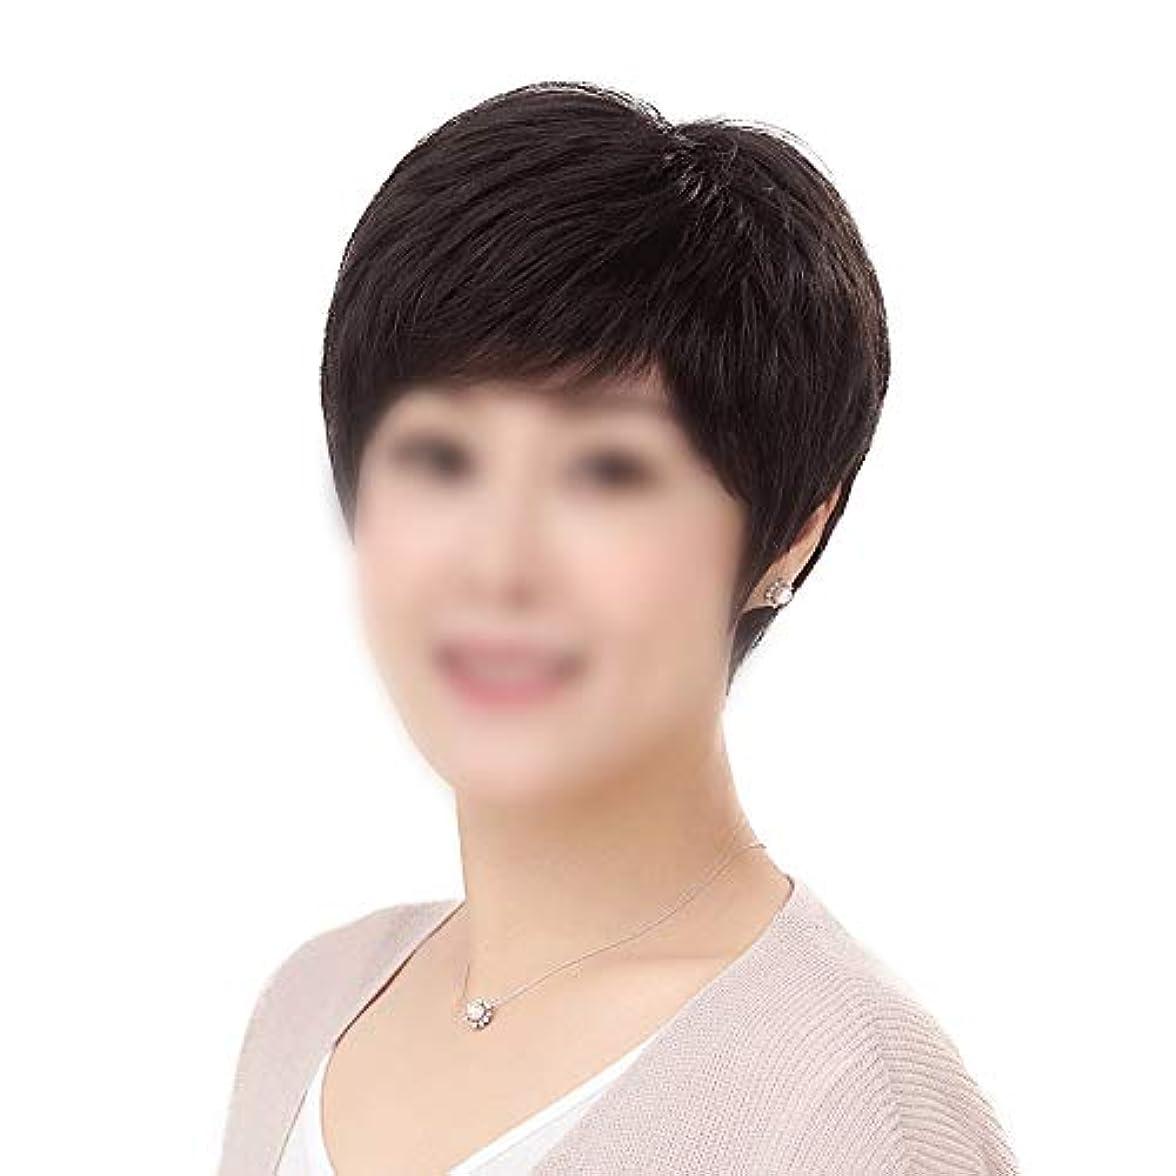 登場恐れるアナニバーYOUQIU 母の毎日のために女性の人間の実髪ショートカーリーヘア中東や旧ウィッグウィッグを着用してください (色 : 黒, Design : Hand-woven heart)